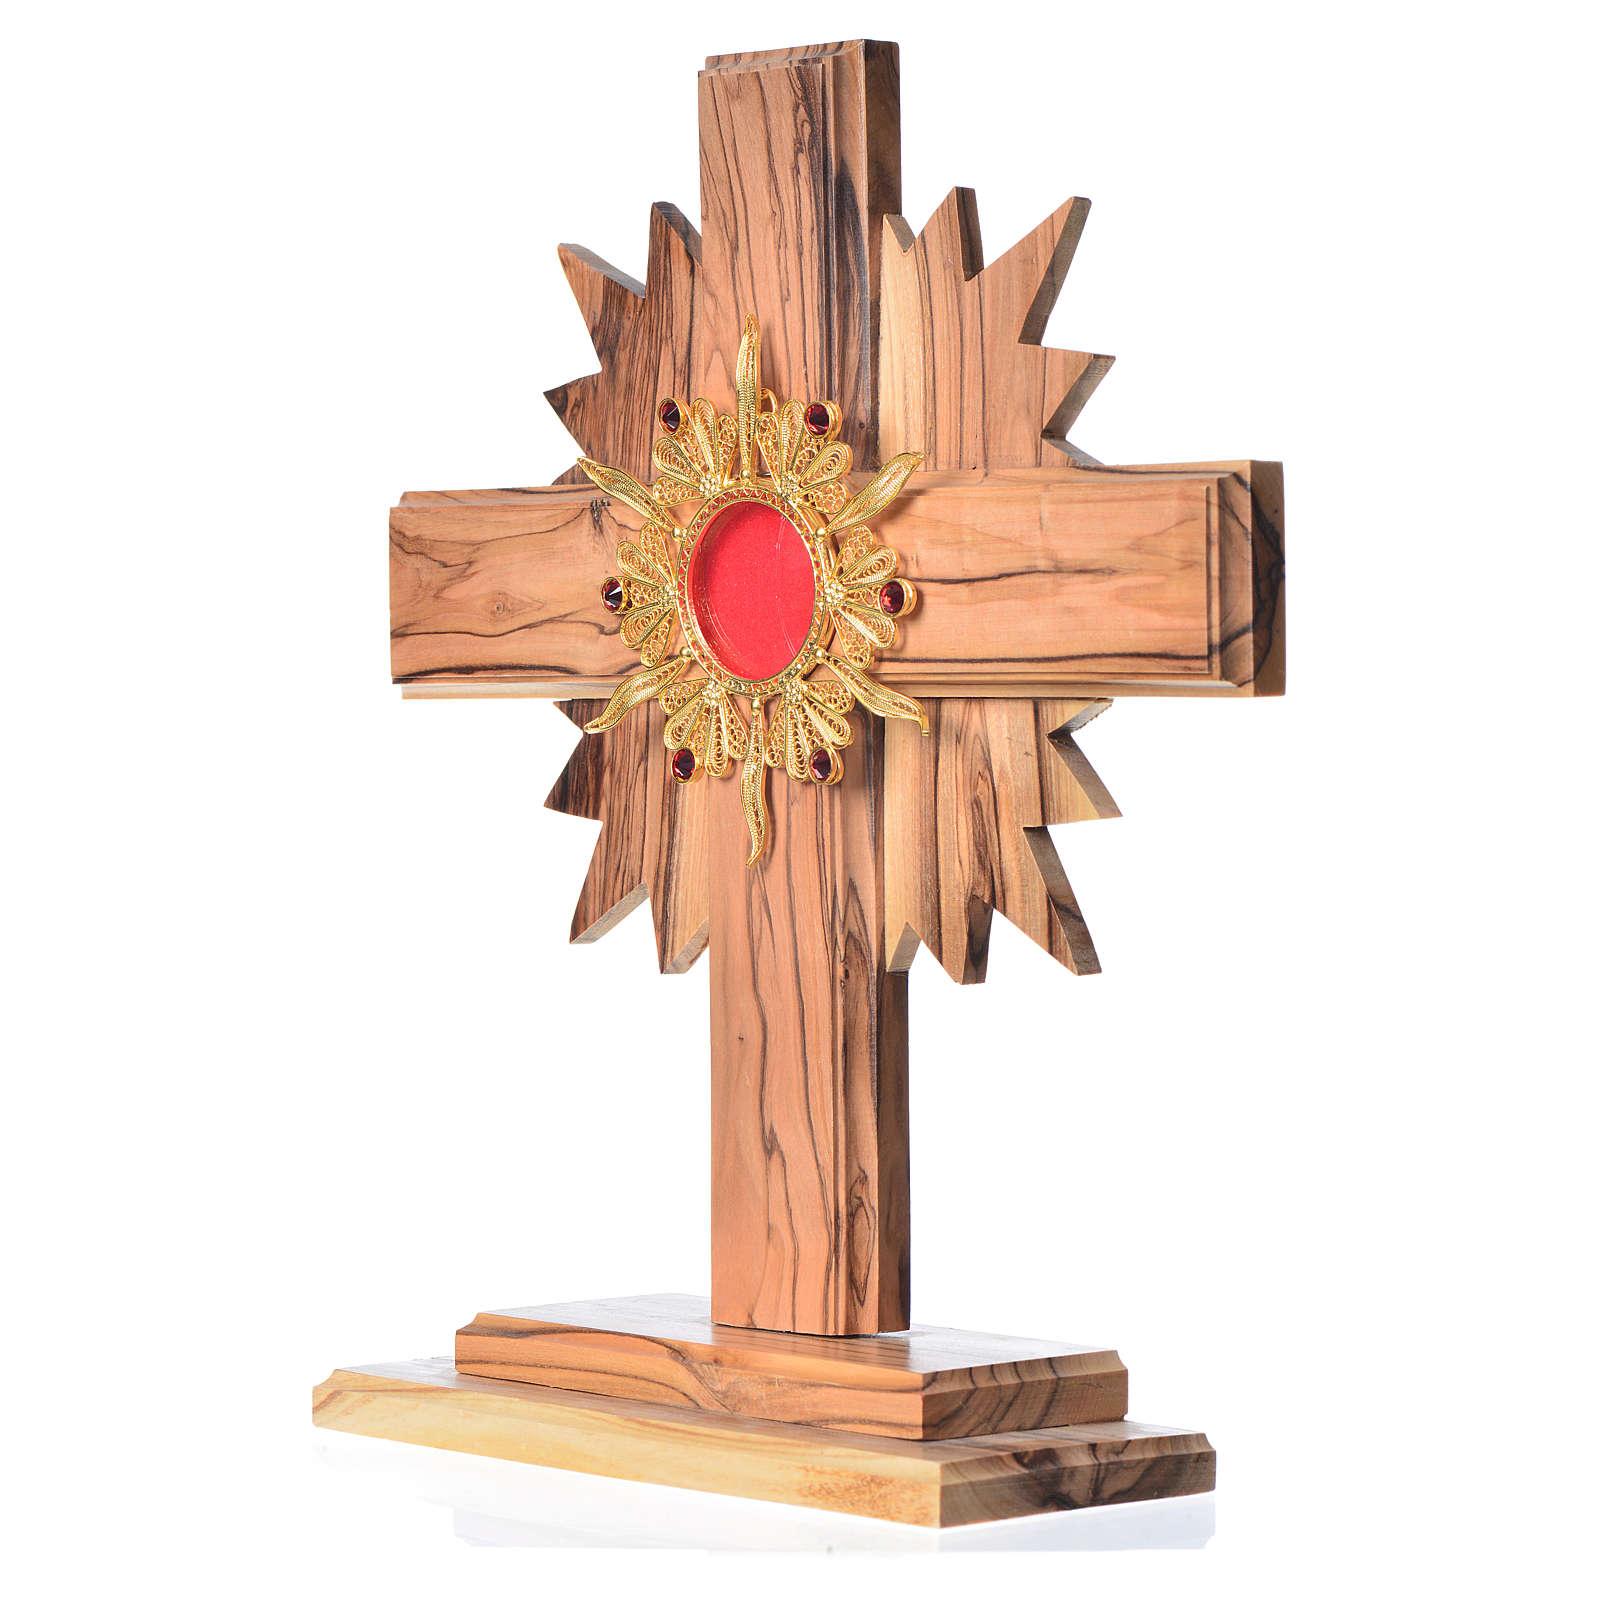 Relicário oliveira cruz resplendor h 20 cm caixa prata 800 pedras 4